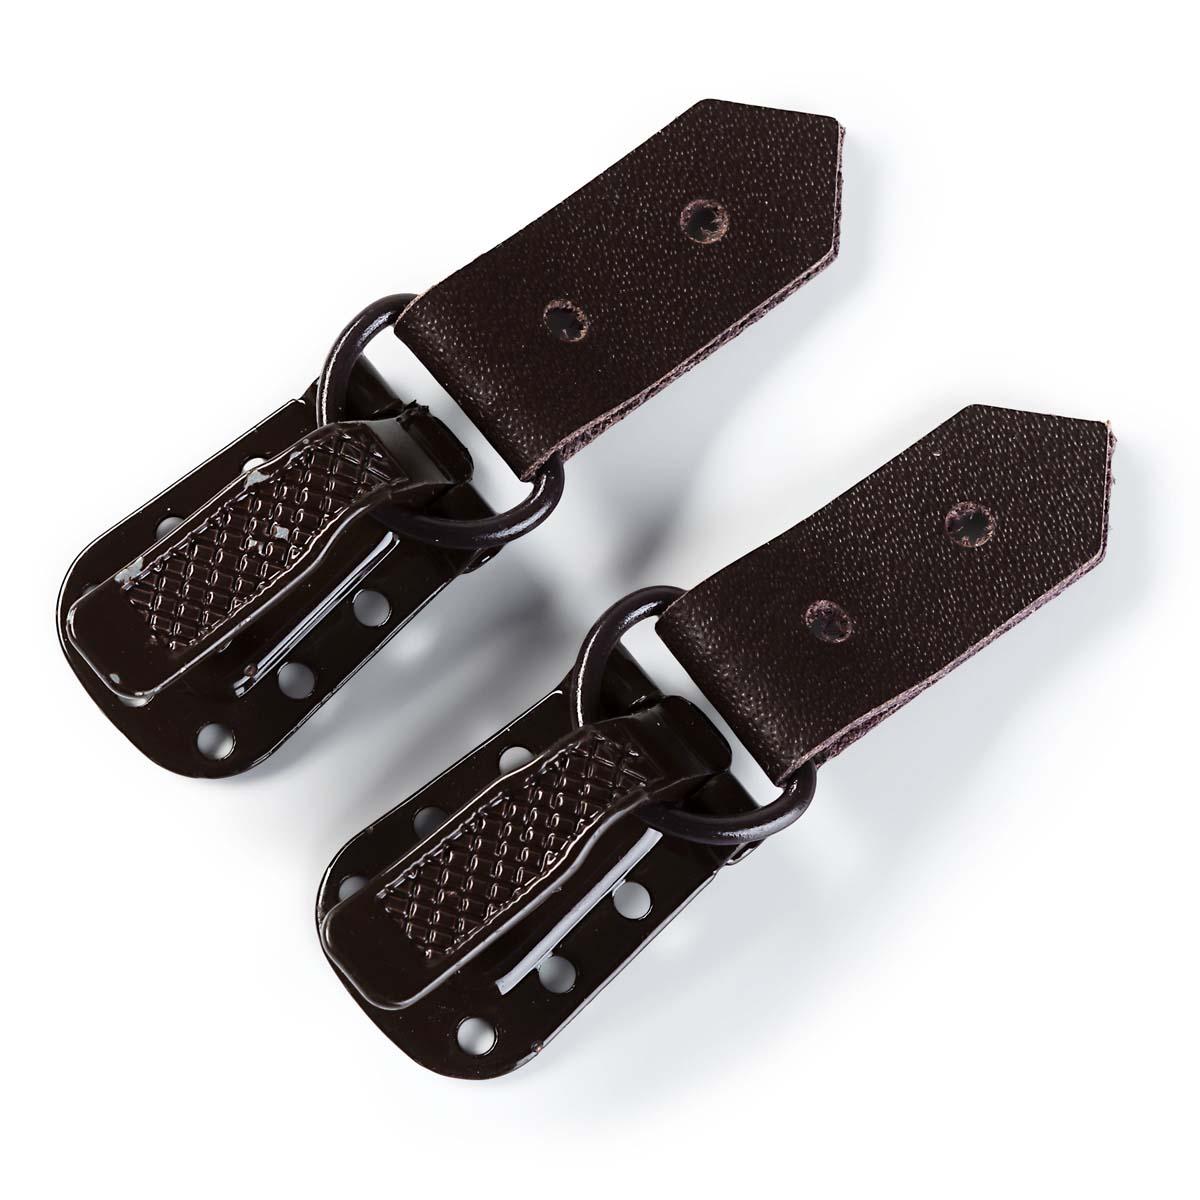 416502 Клипса с крючком для меховых изделий, черный, упак./2 шт., Prym